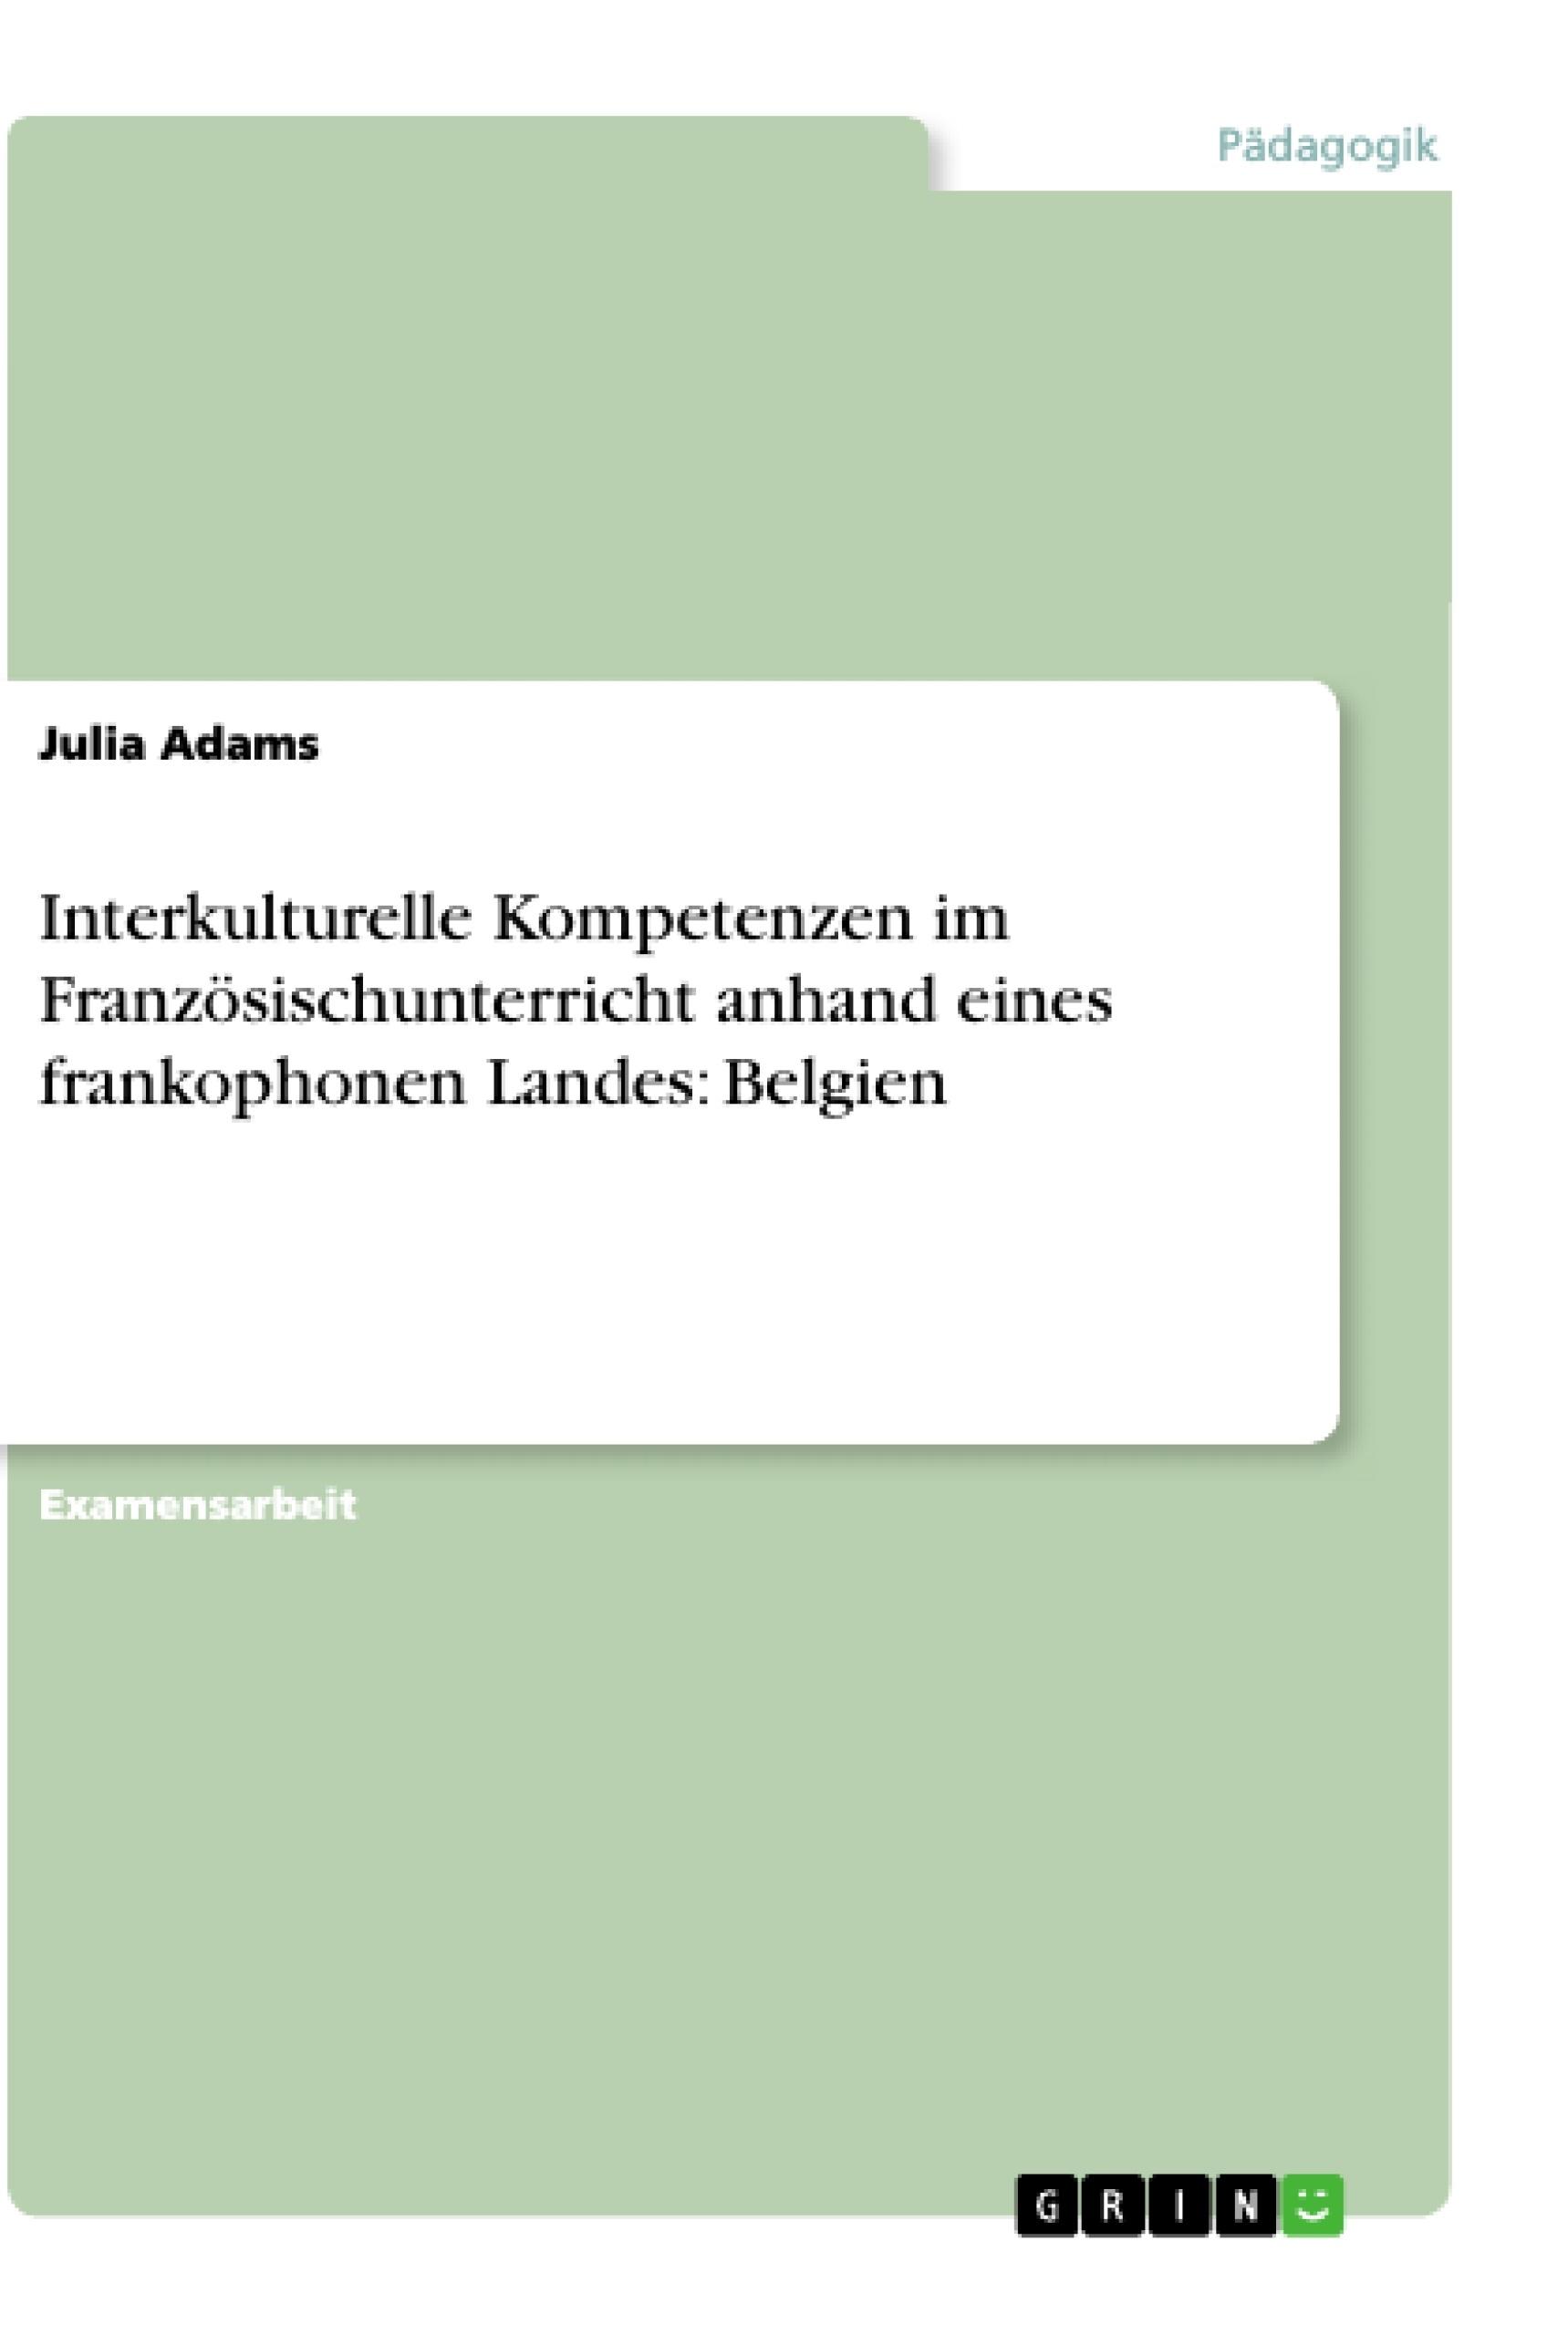 Titel: Interkulturelle Kompetenzen im Französischunterricht anhand eines frankophonen Landes: Belgien